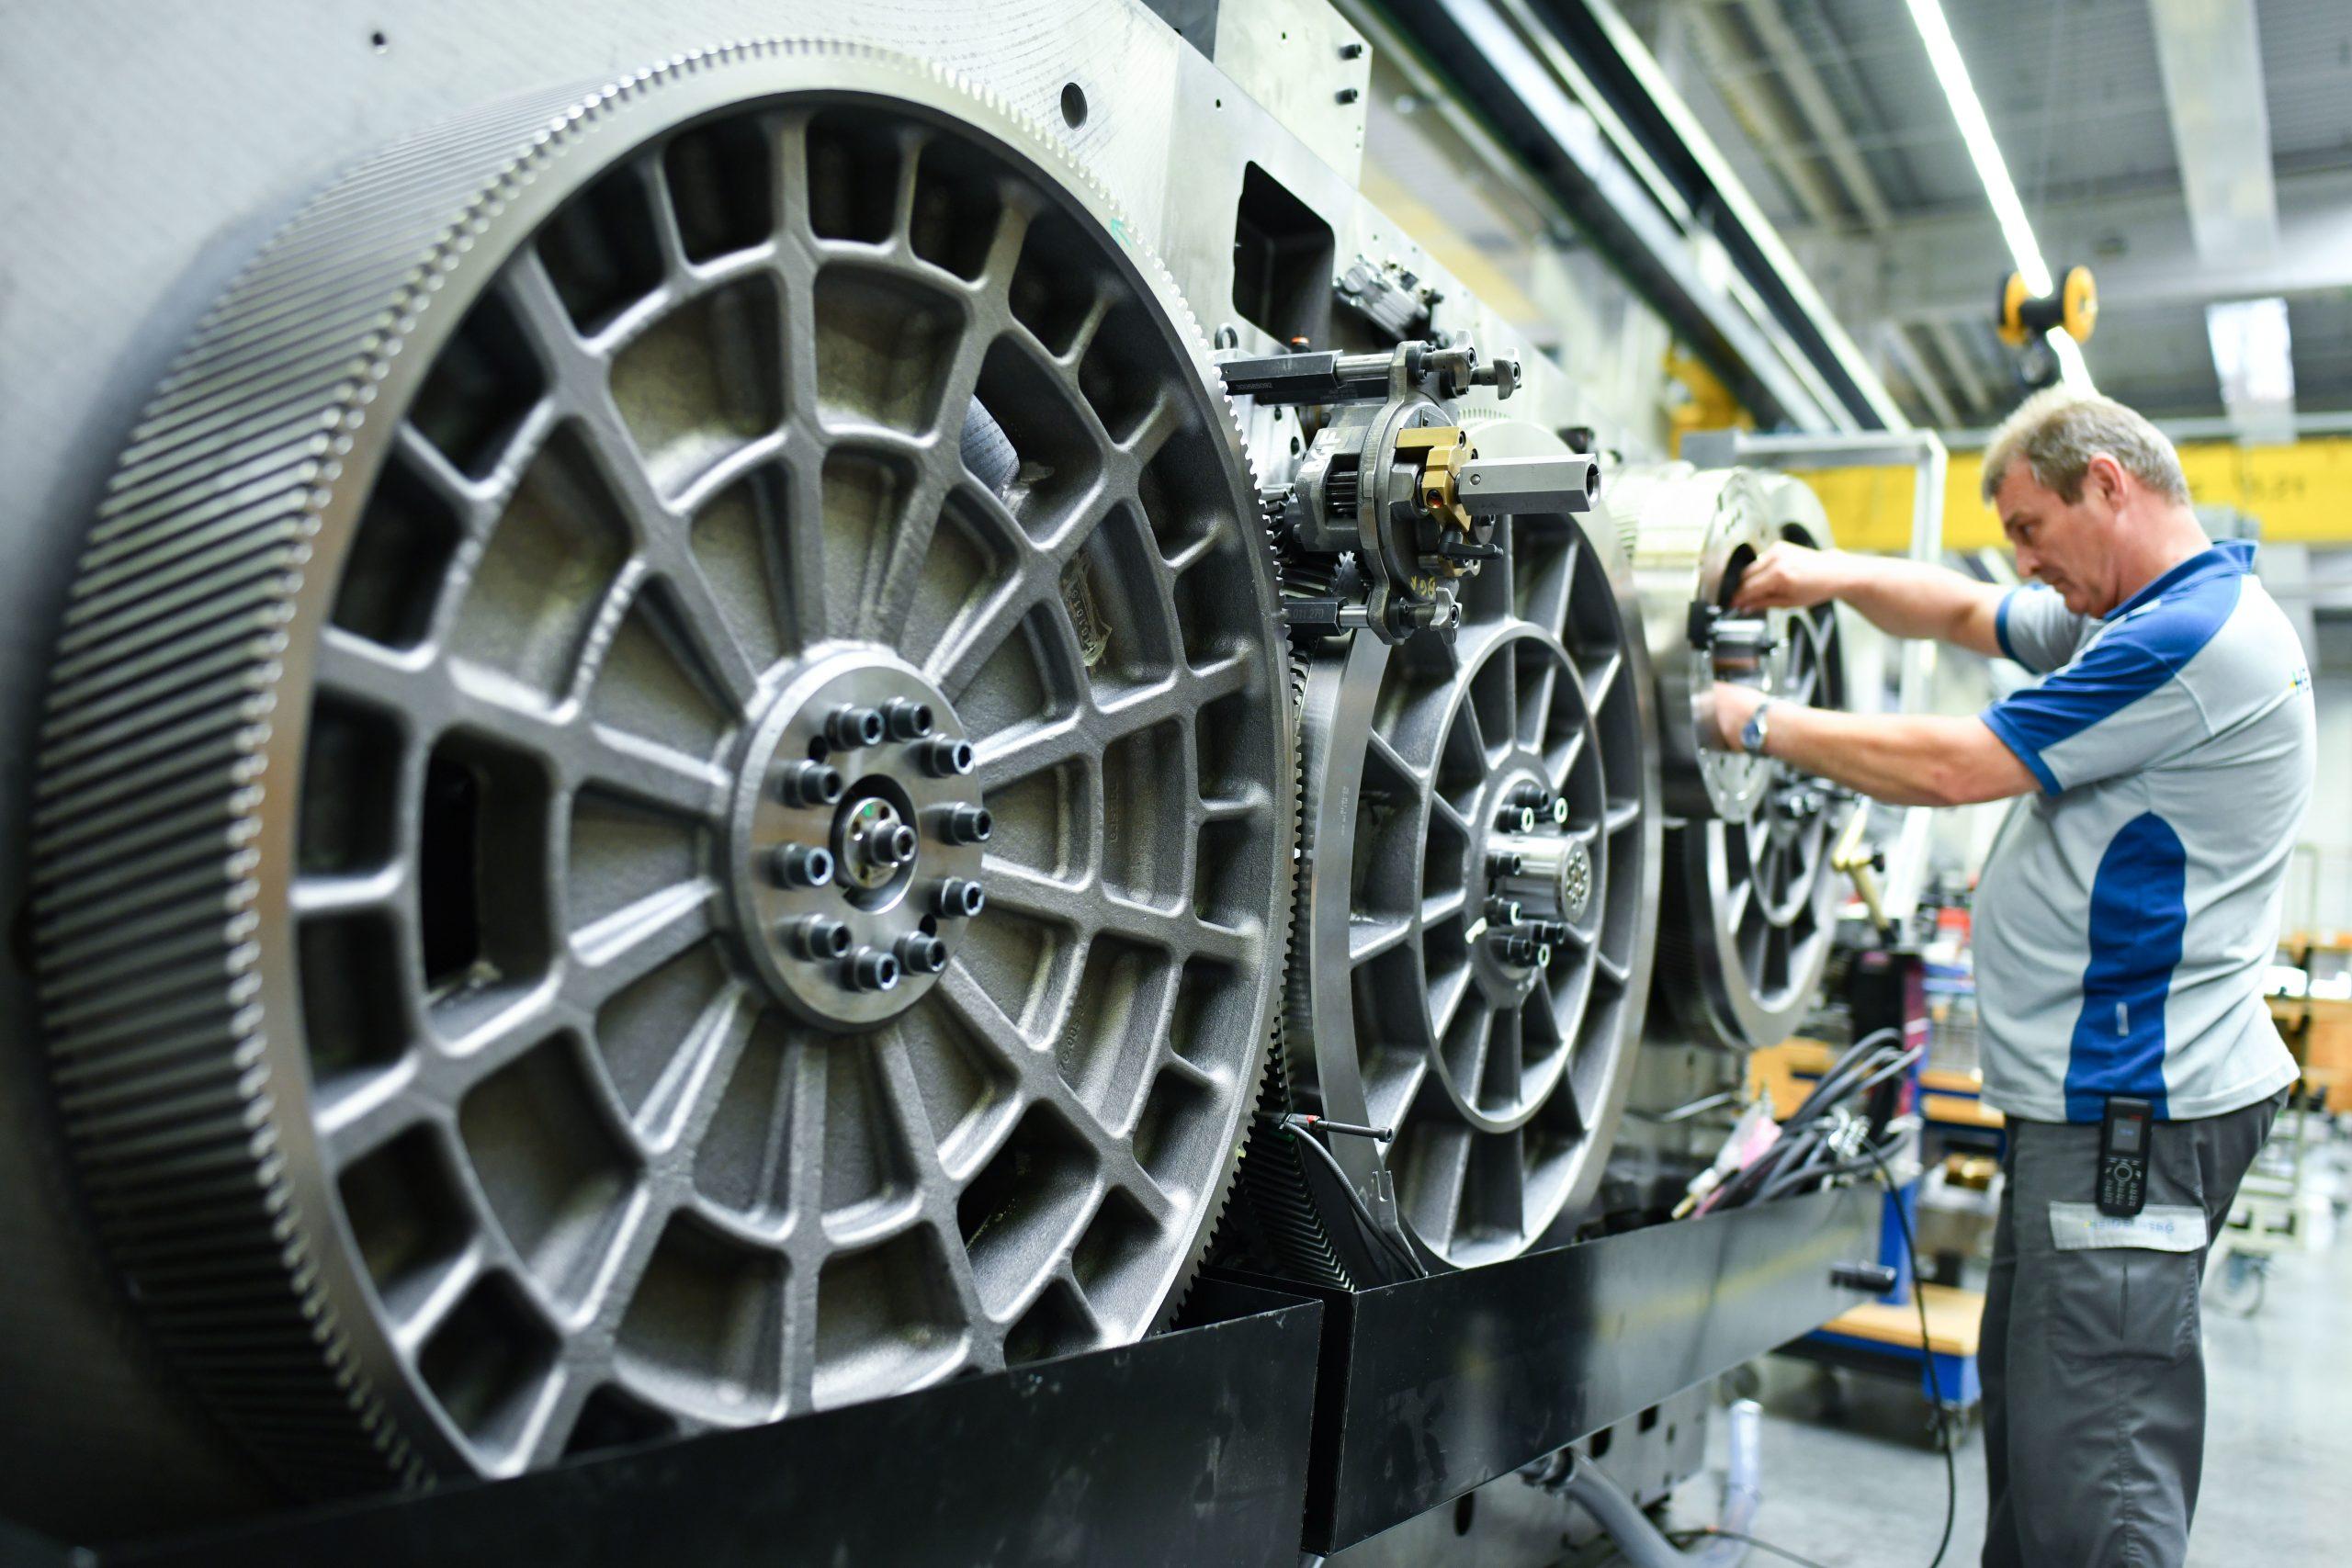 Maschinenbau: Weiterhin größter industrieller Arbeitgeber Foto: picture alliance/Uwe Anspach/dpa